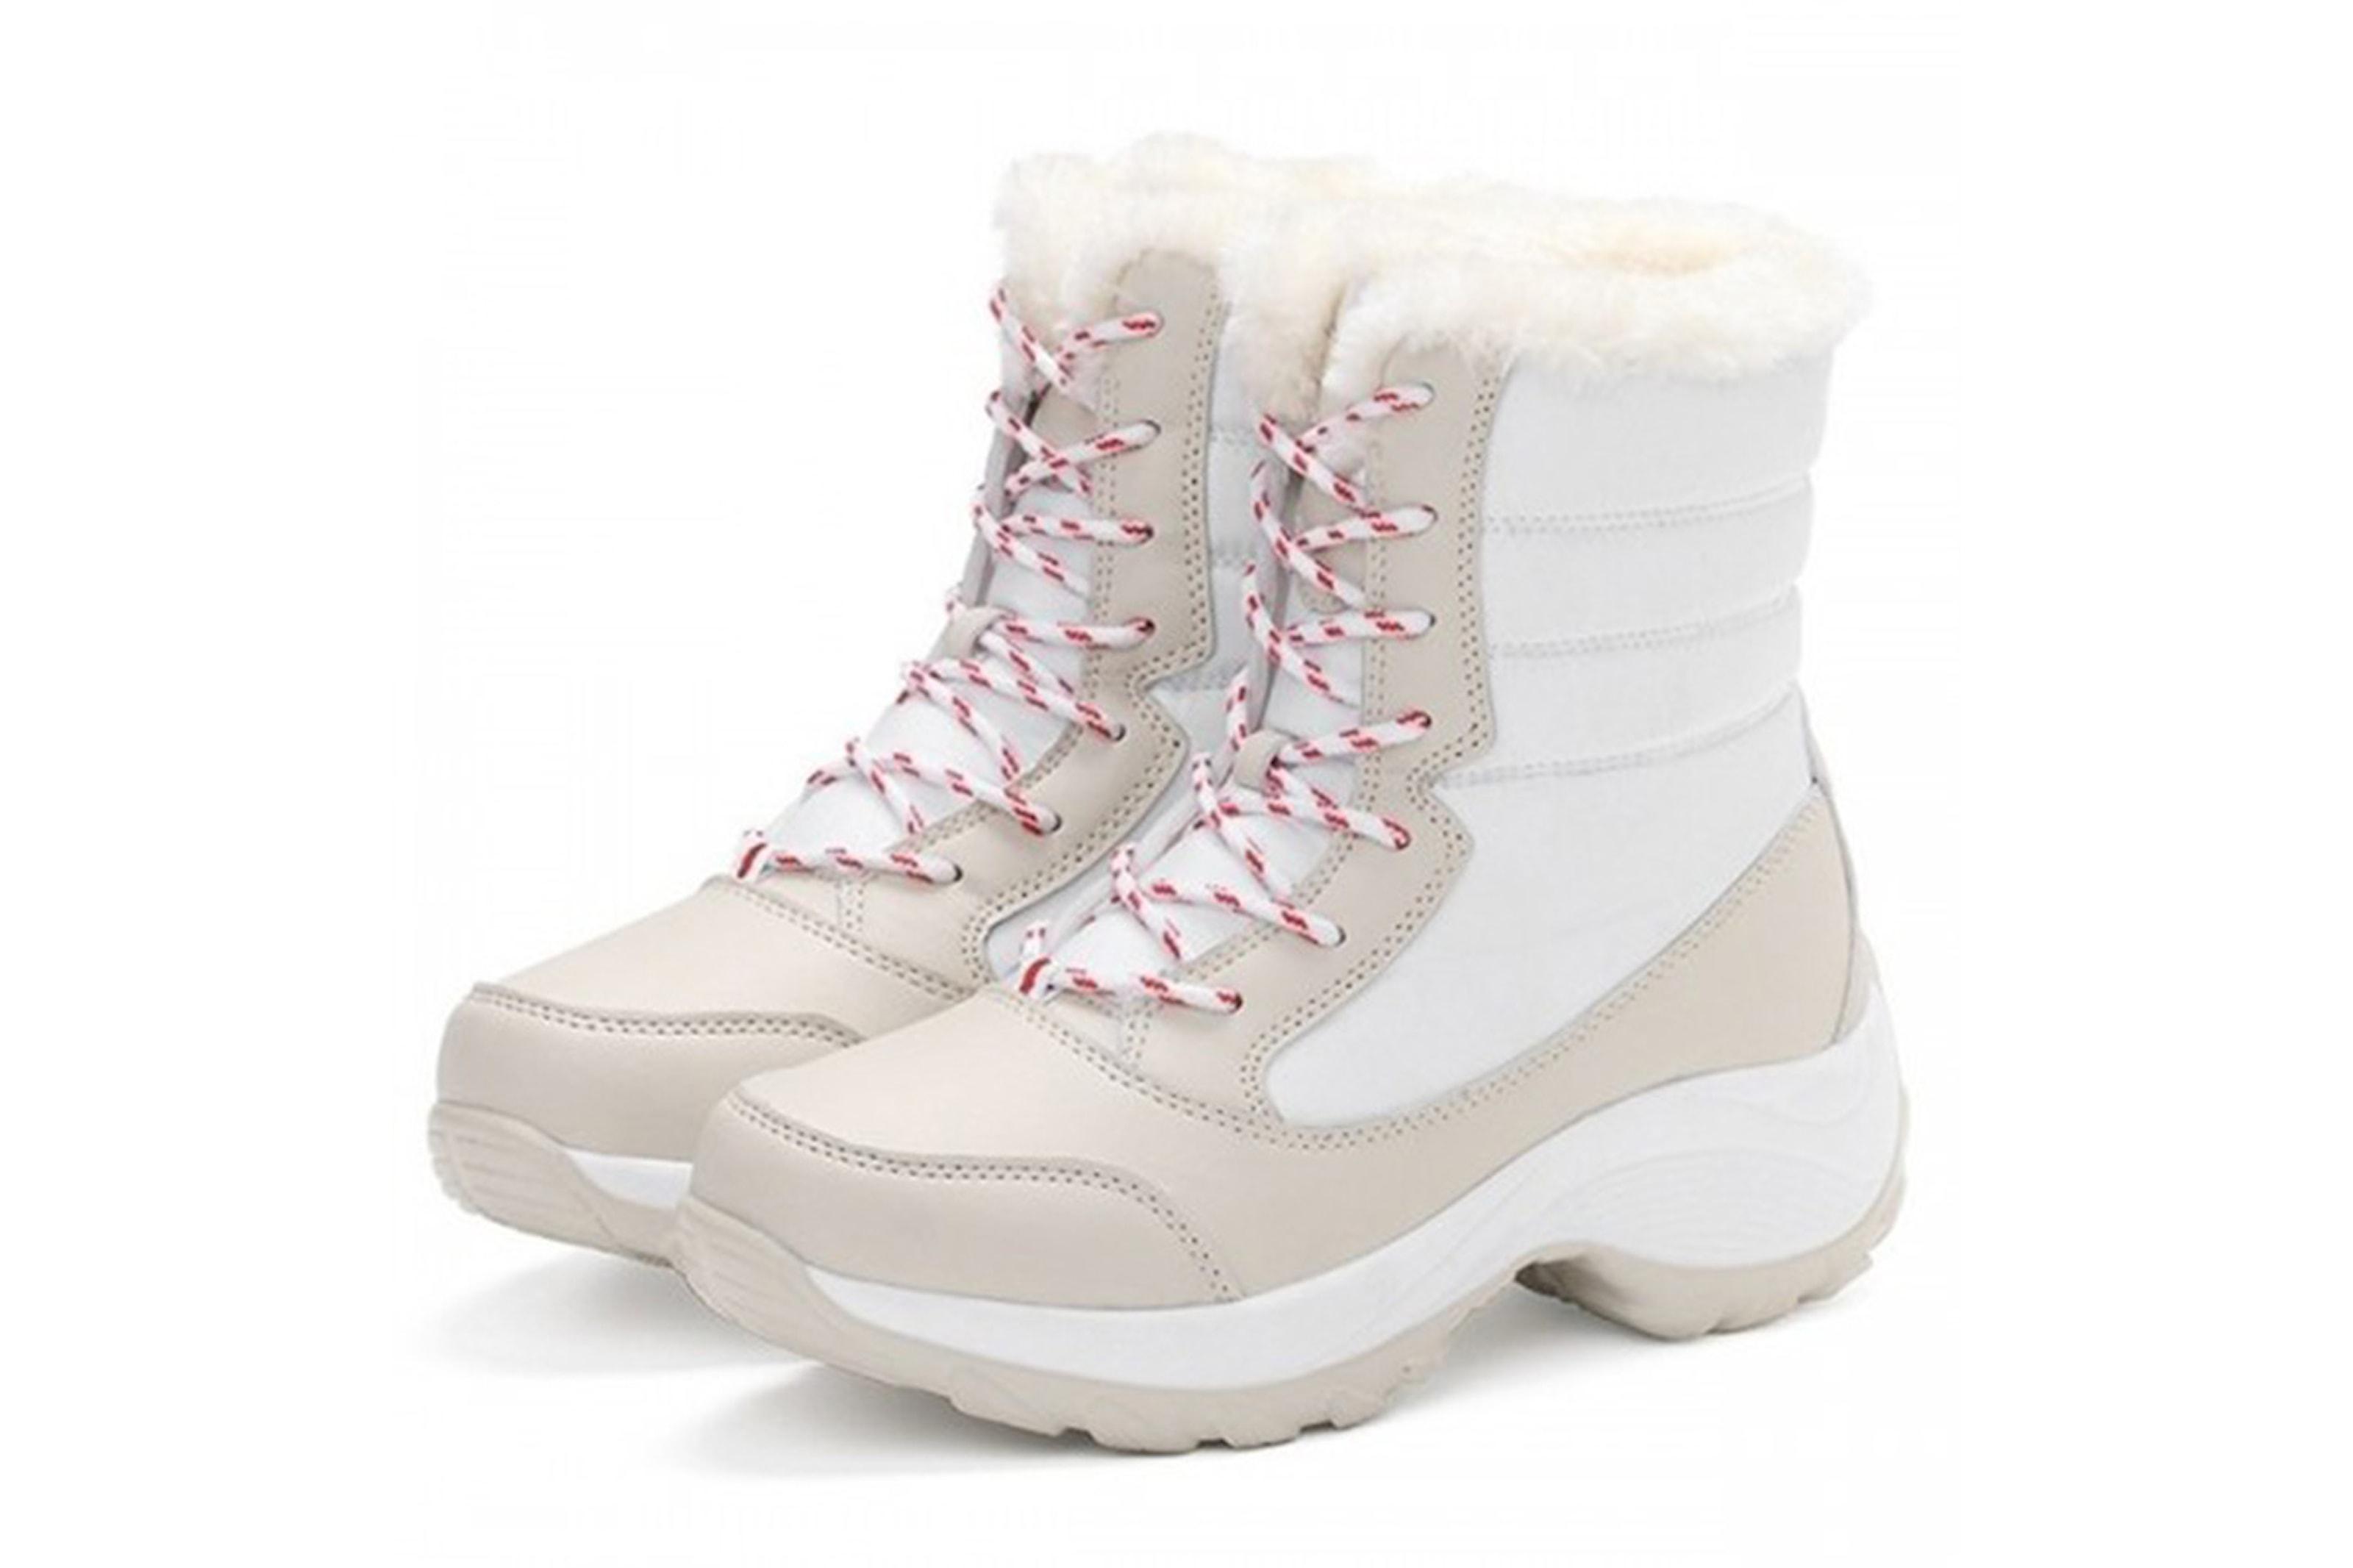 Varme vinterstøvler